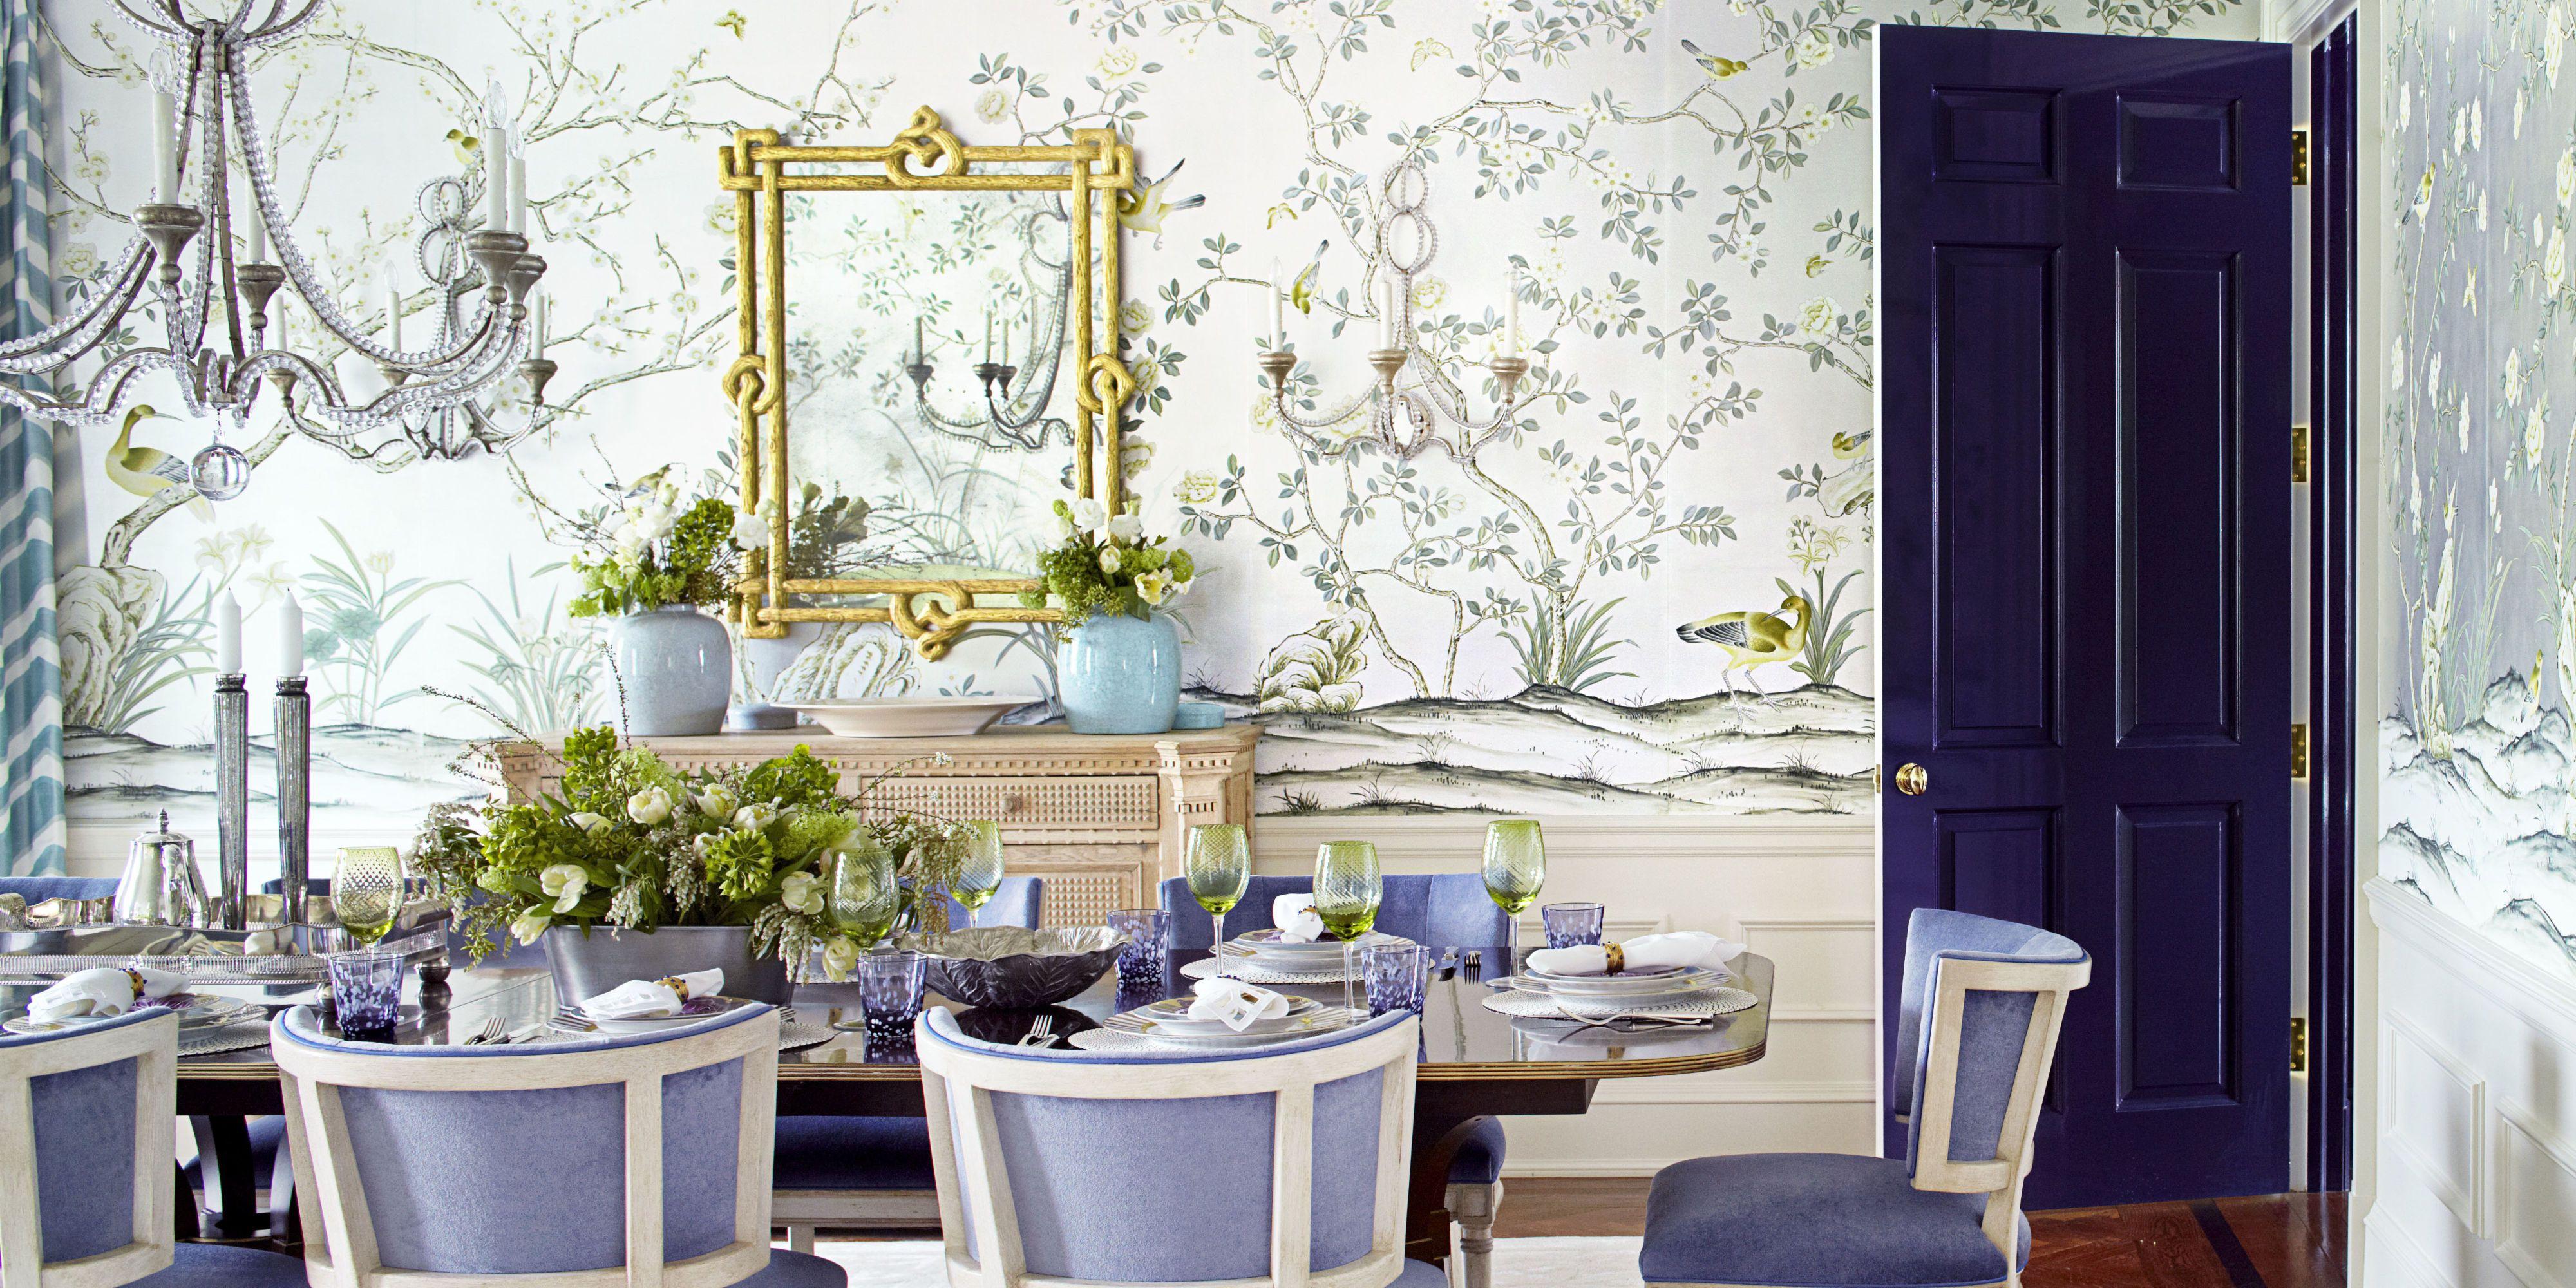 Creative Unique Decorating Ideas Creative Interior Design